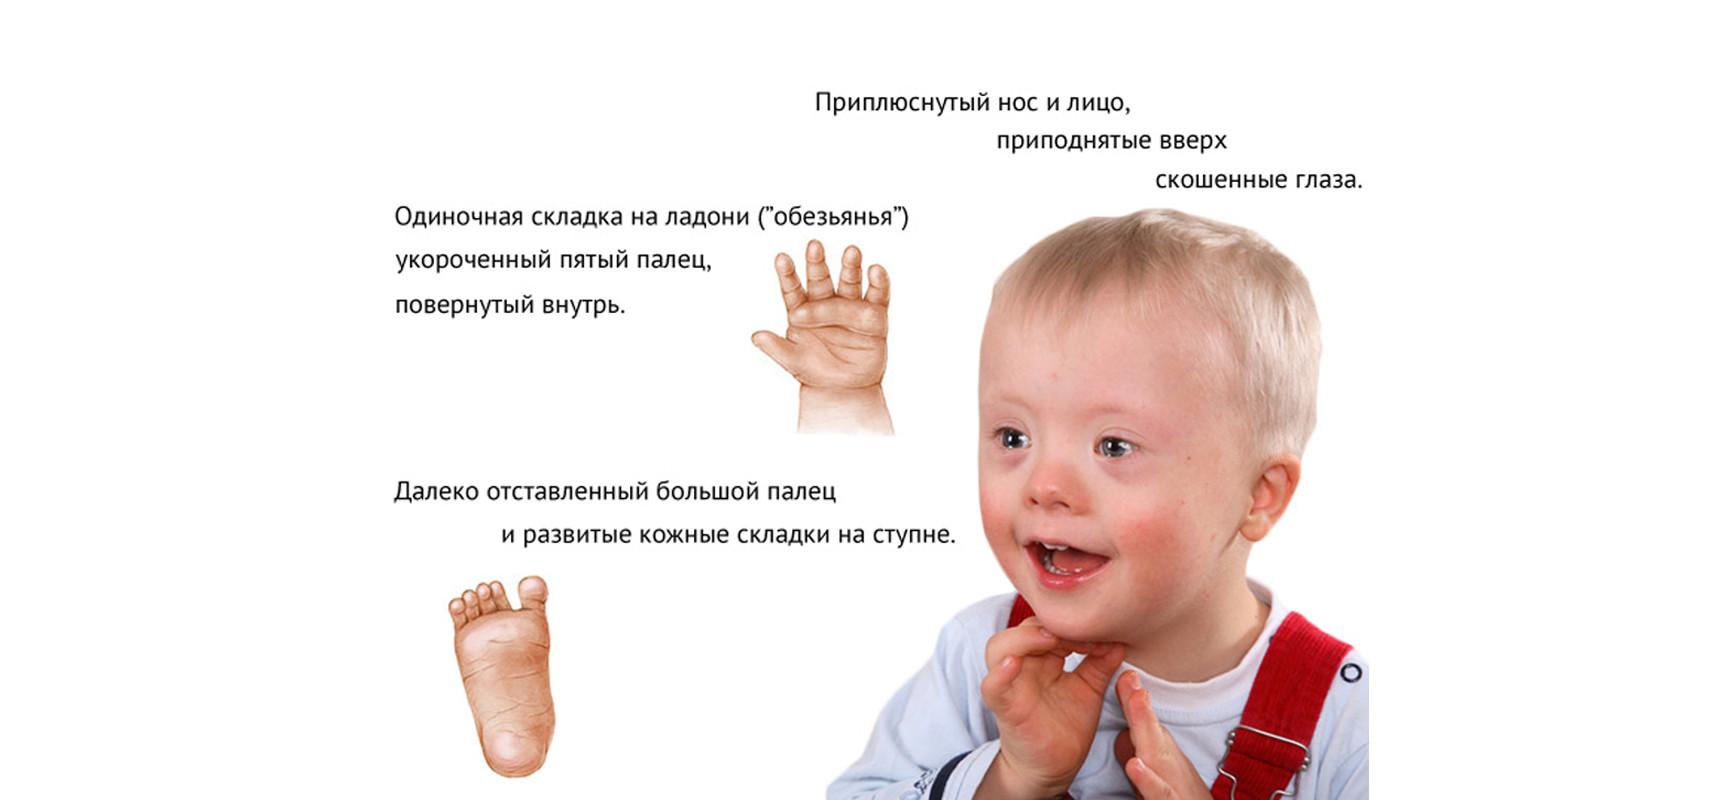 симптомы если есть глисты у человека